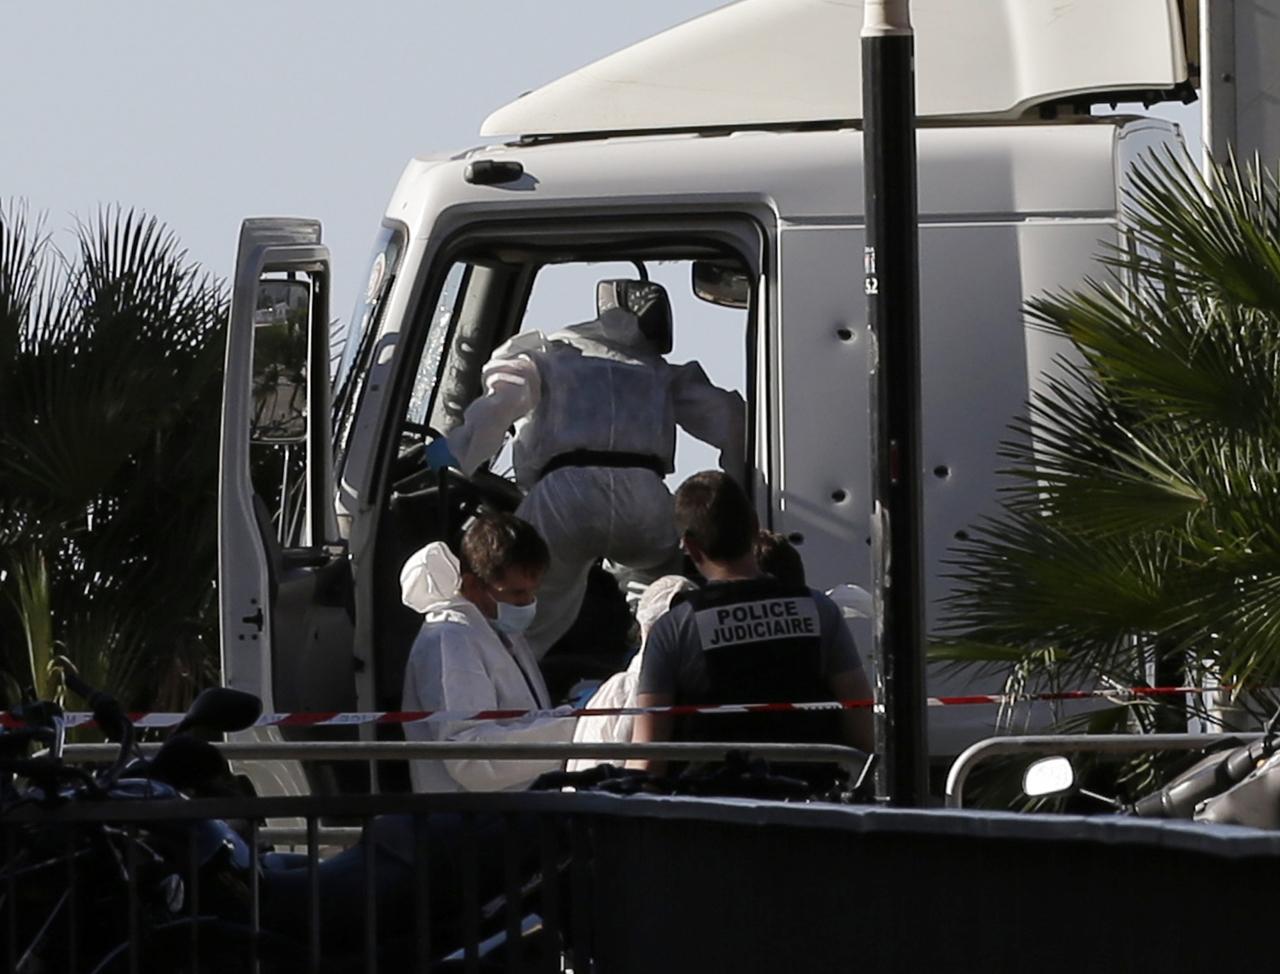 attentato a nizza i rilievi della polizia sul camion della strage. Black Bedroom Furniture Sets. Home Design Ideas